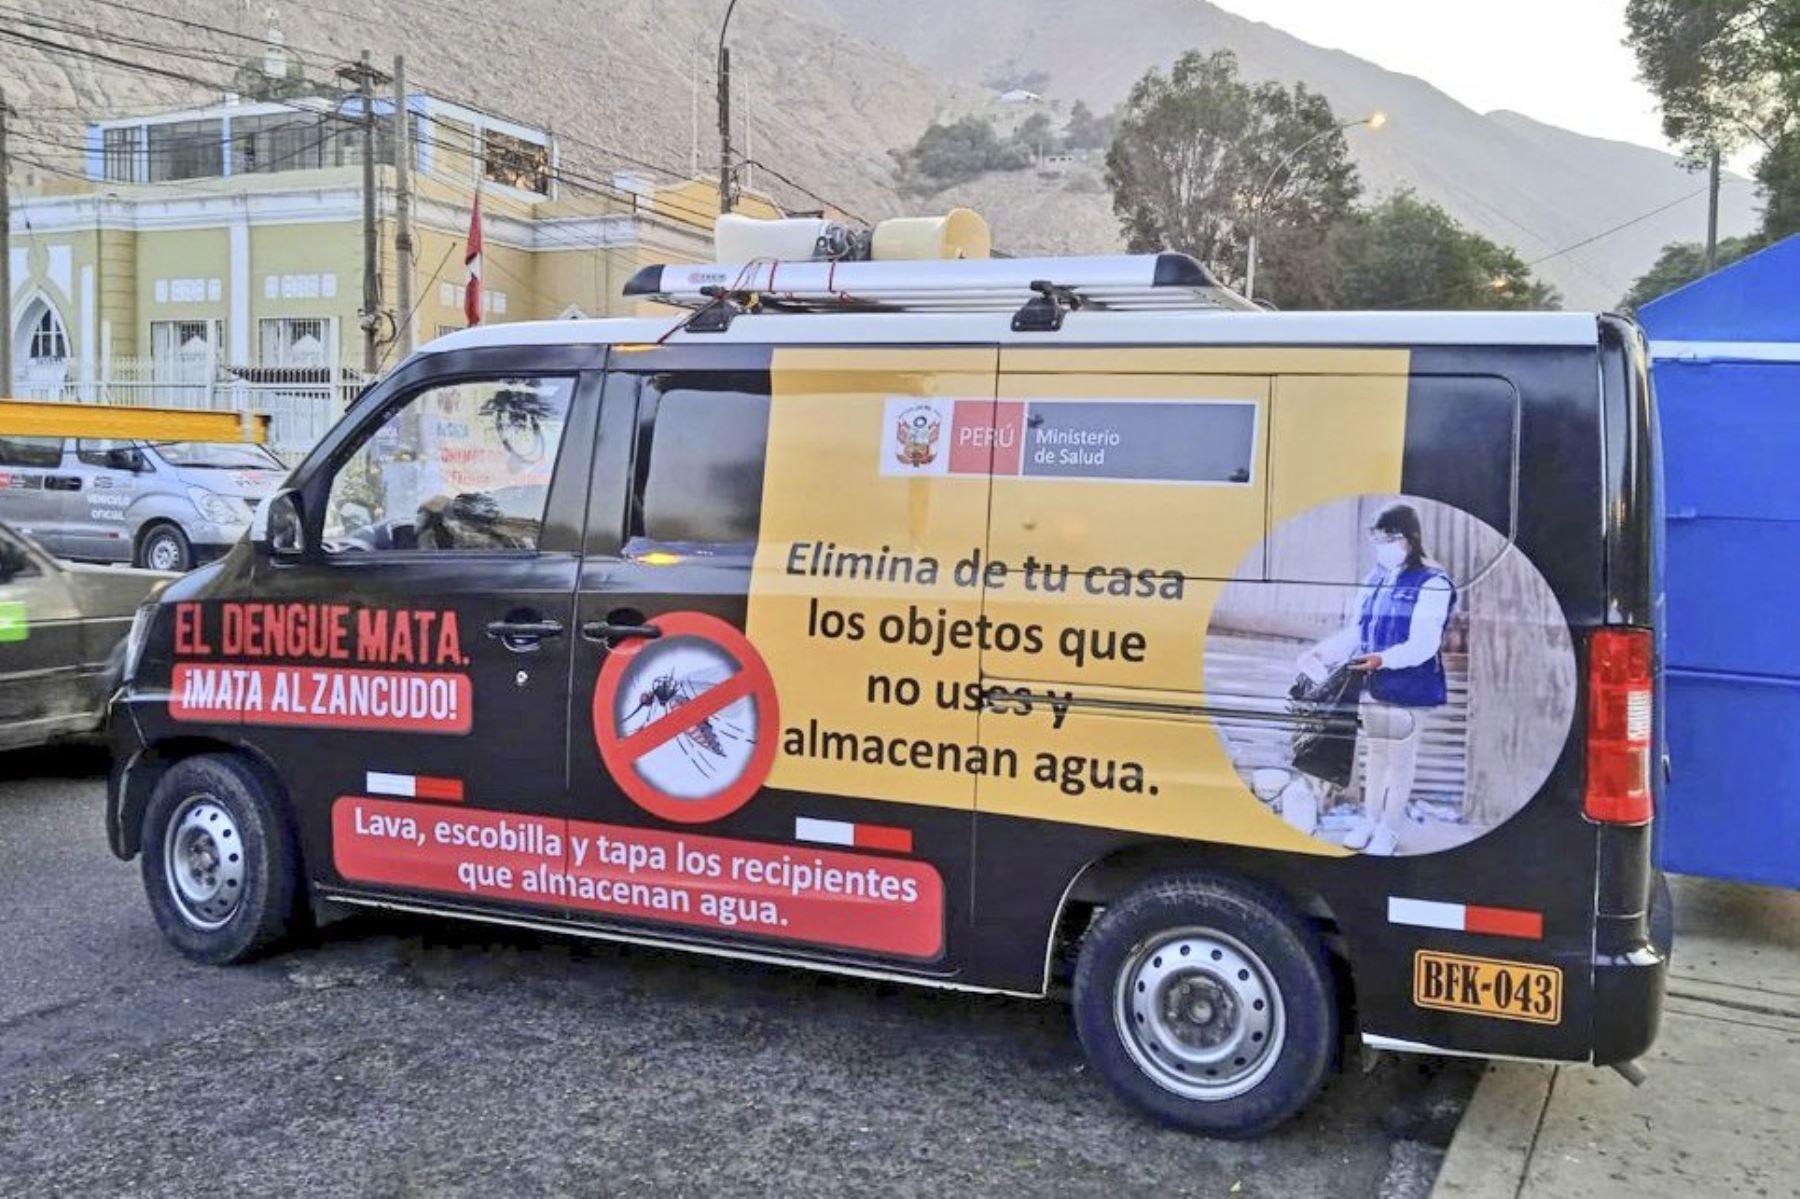 Este es el Dengue Móvil que recorrerá las calles del distrito de Lurigancho para prevenir la propagación de la enfermedad. Foto: ANDINA/Minsa